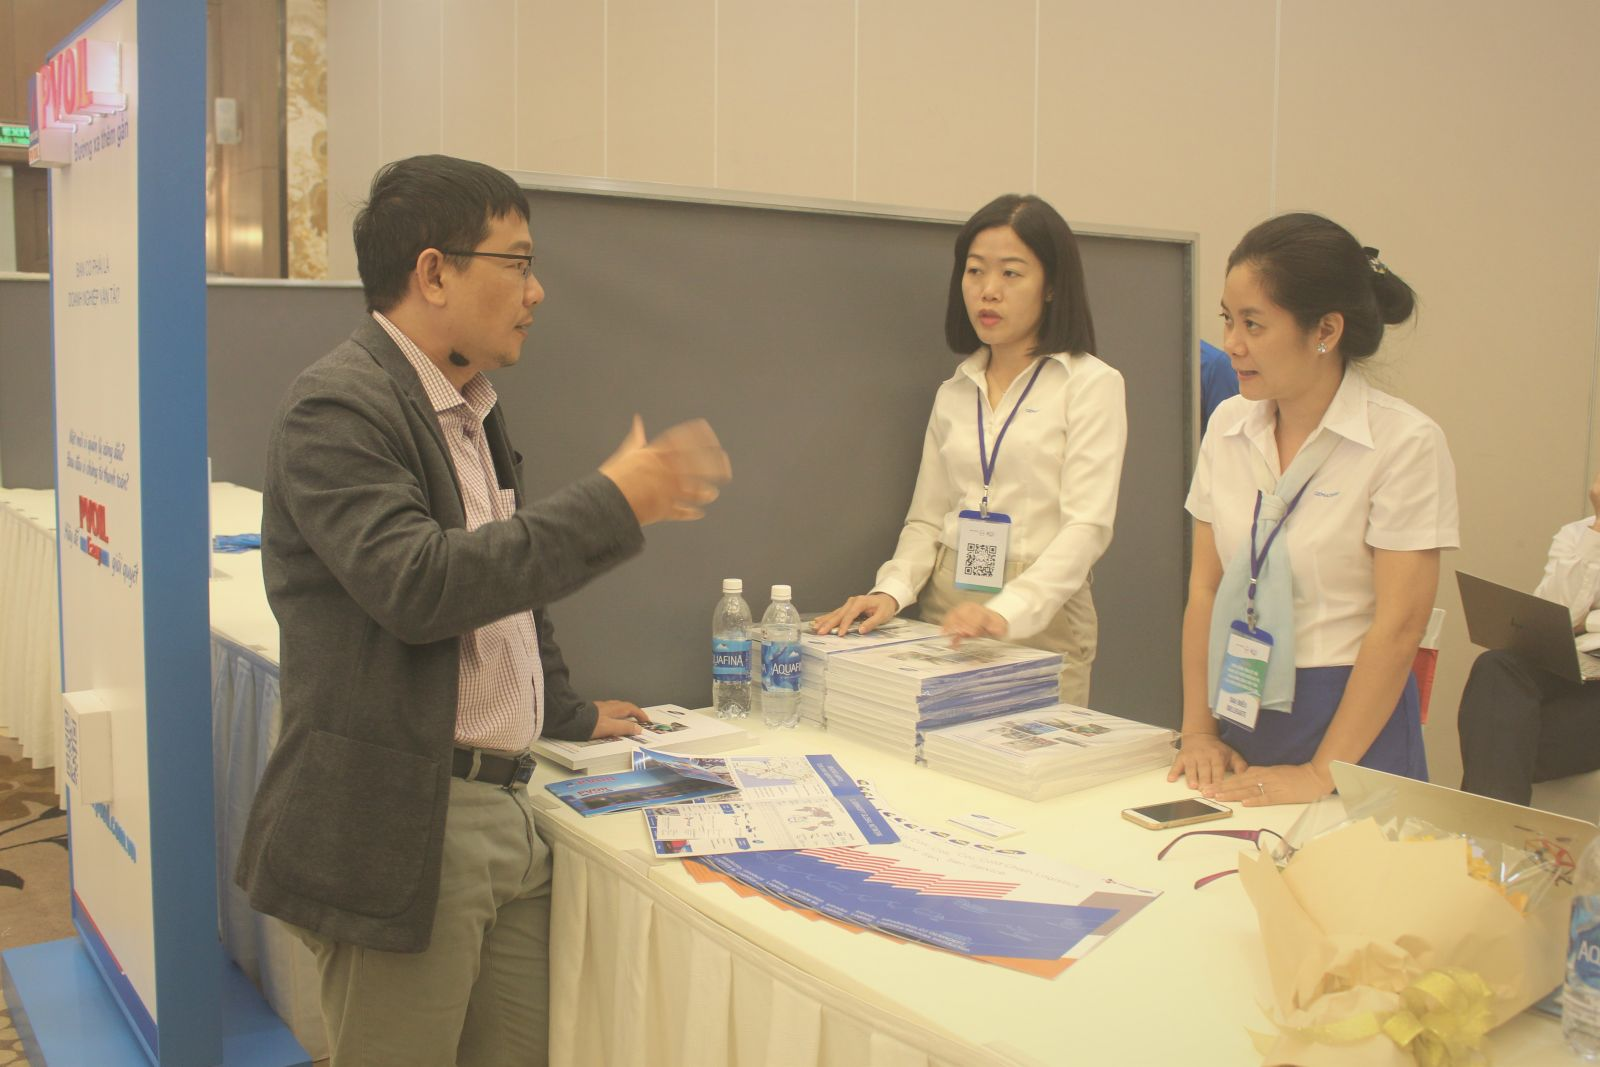 Khu vực trưng bày giới thiệu dịch vụ của các đơn vị hoạt động trong lĩnh vực logistics bên lề hội thảo. Ảnh: MINH HUYỀN